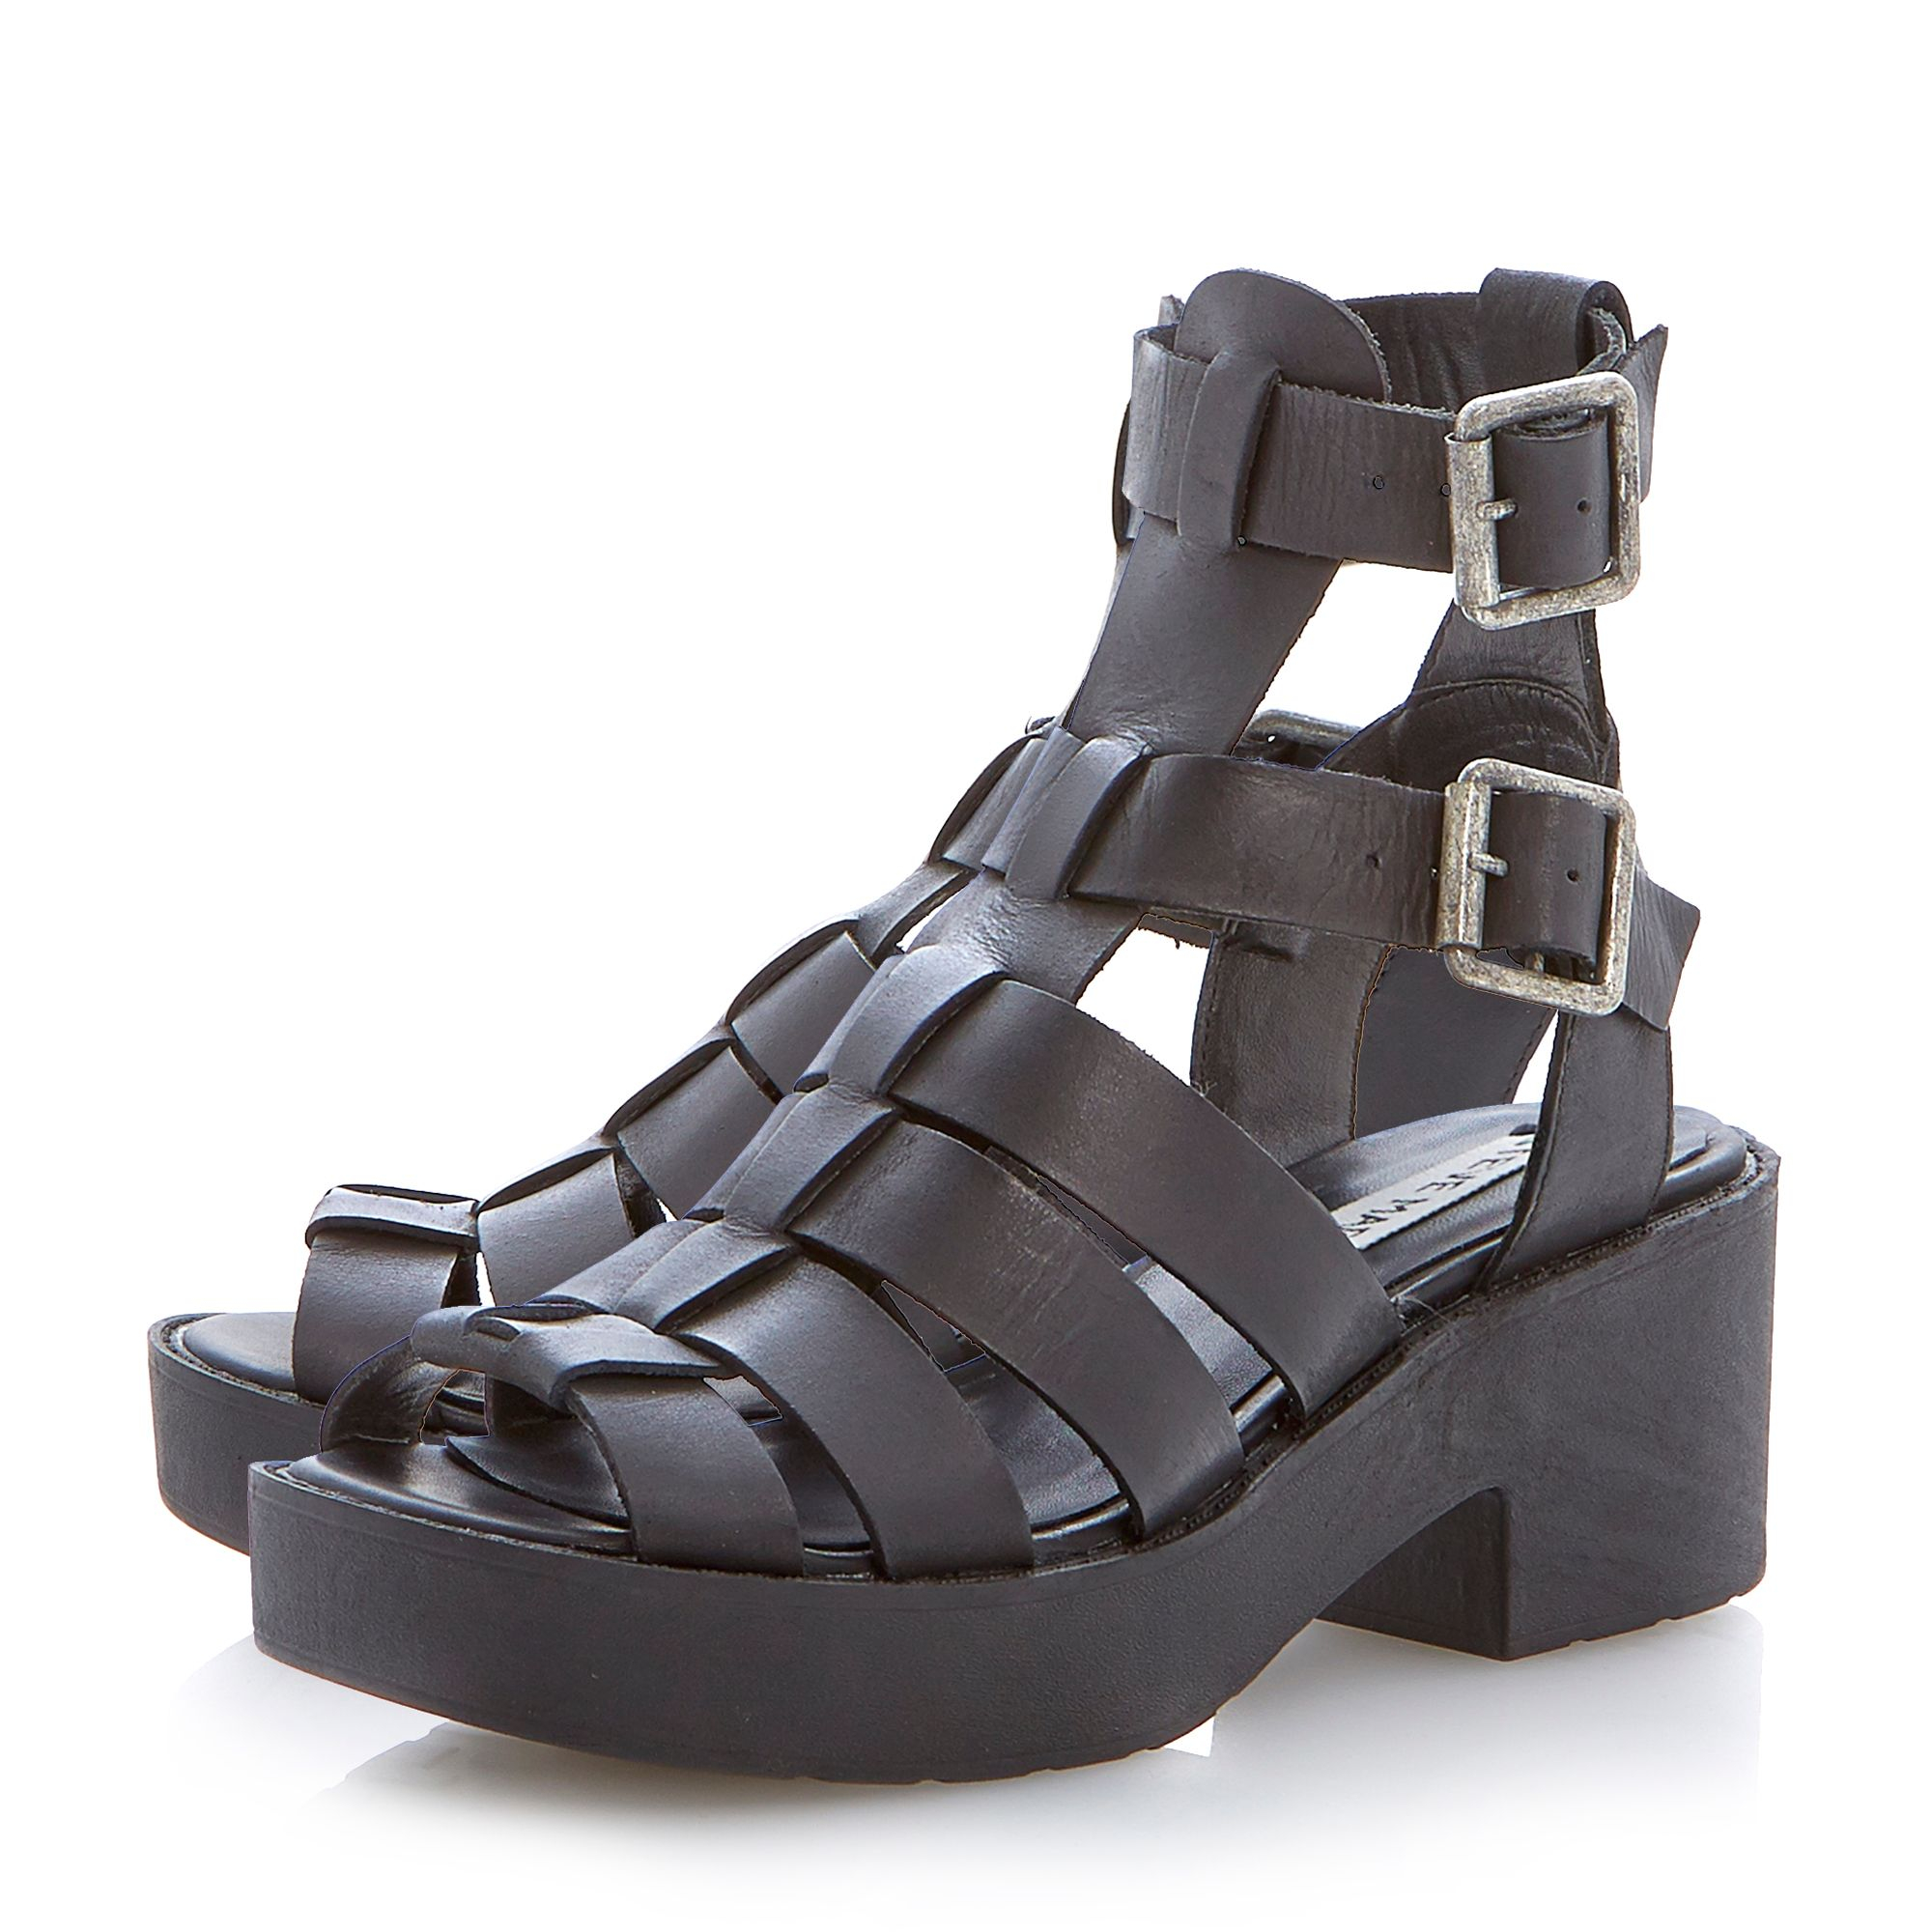 steve madden schoolz platform gladiator sandals in black lyst. Black Bedroom Furniture Sets. Home Design Ideas